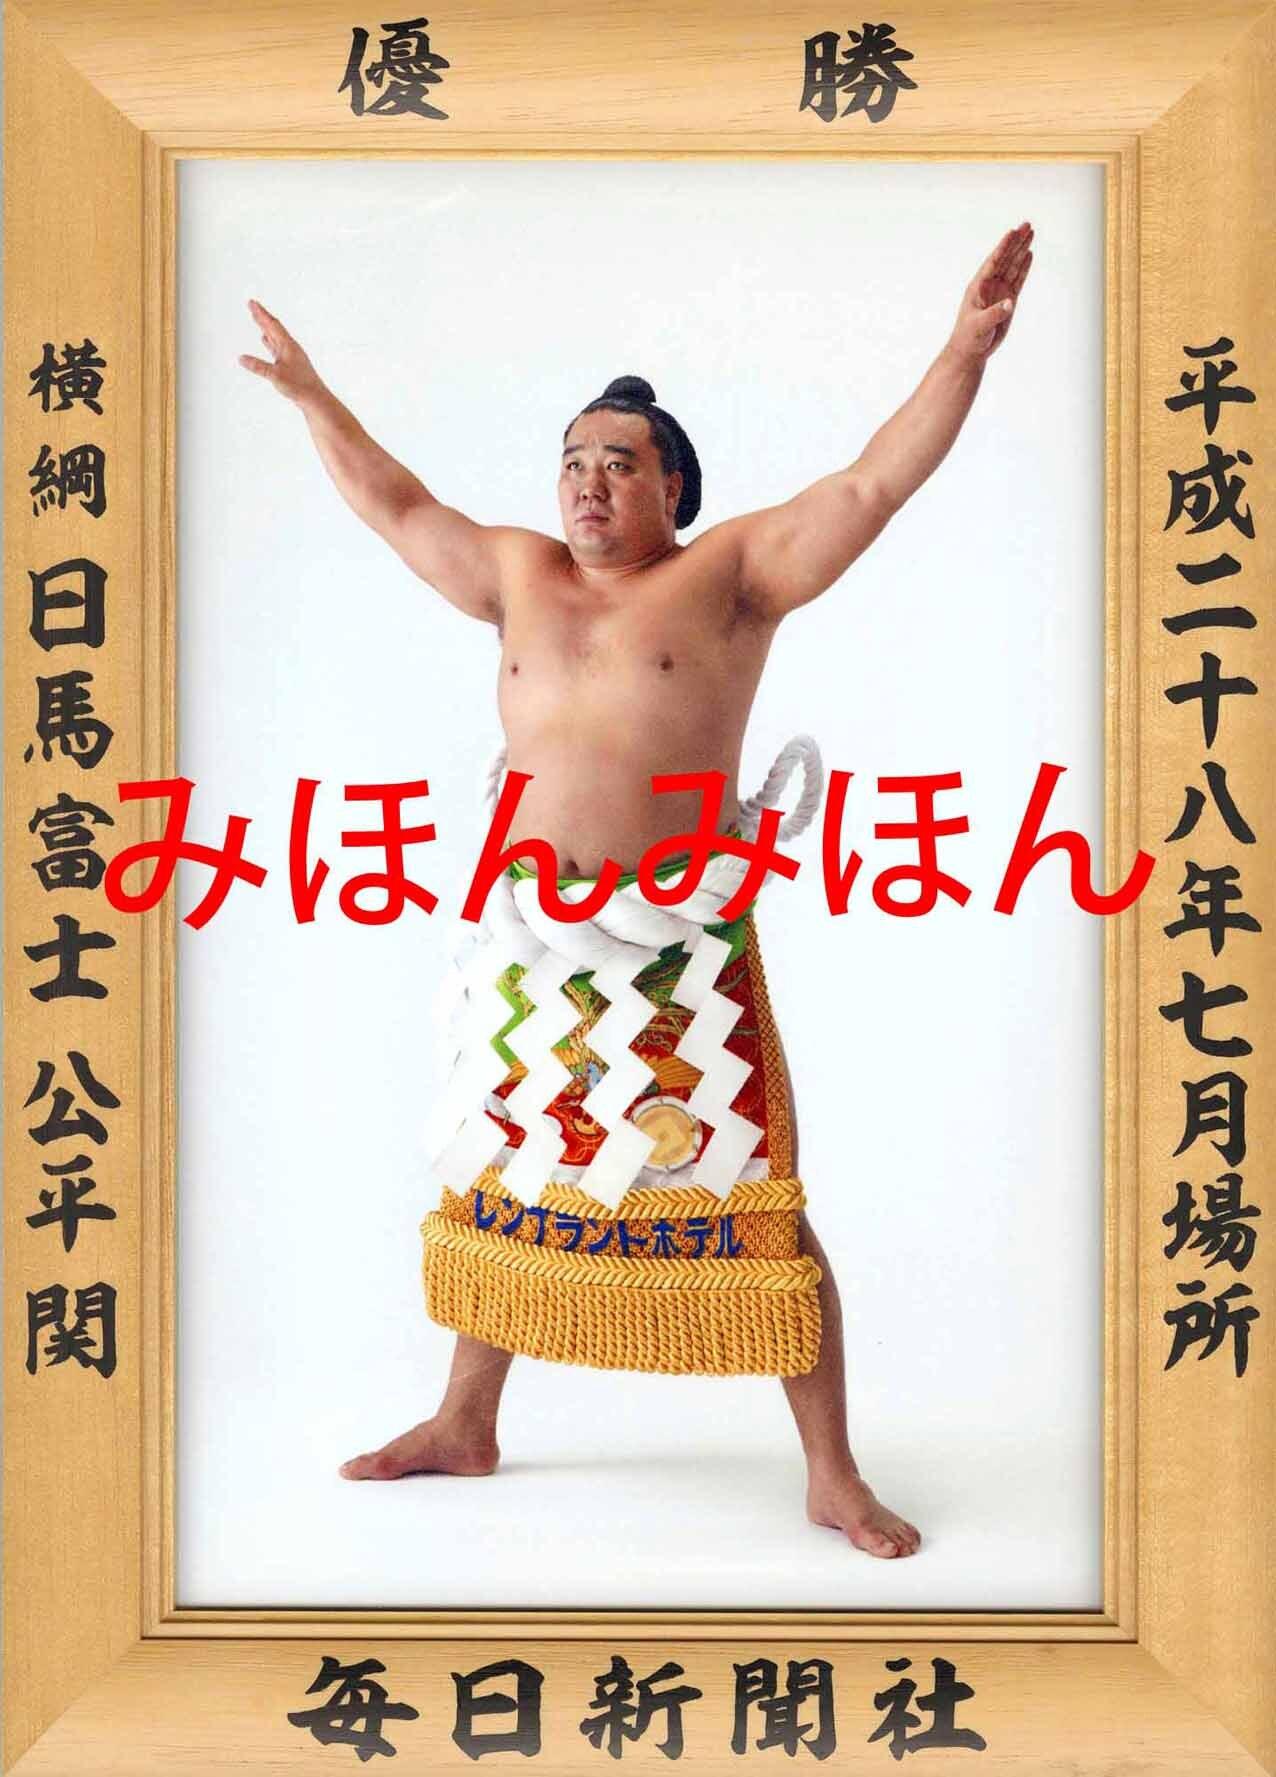 平成28年7月場所優勝 横綱 日馬富士公平関(8回目の優勝)